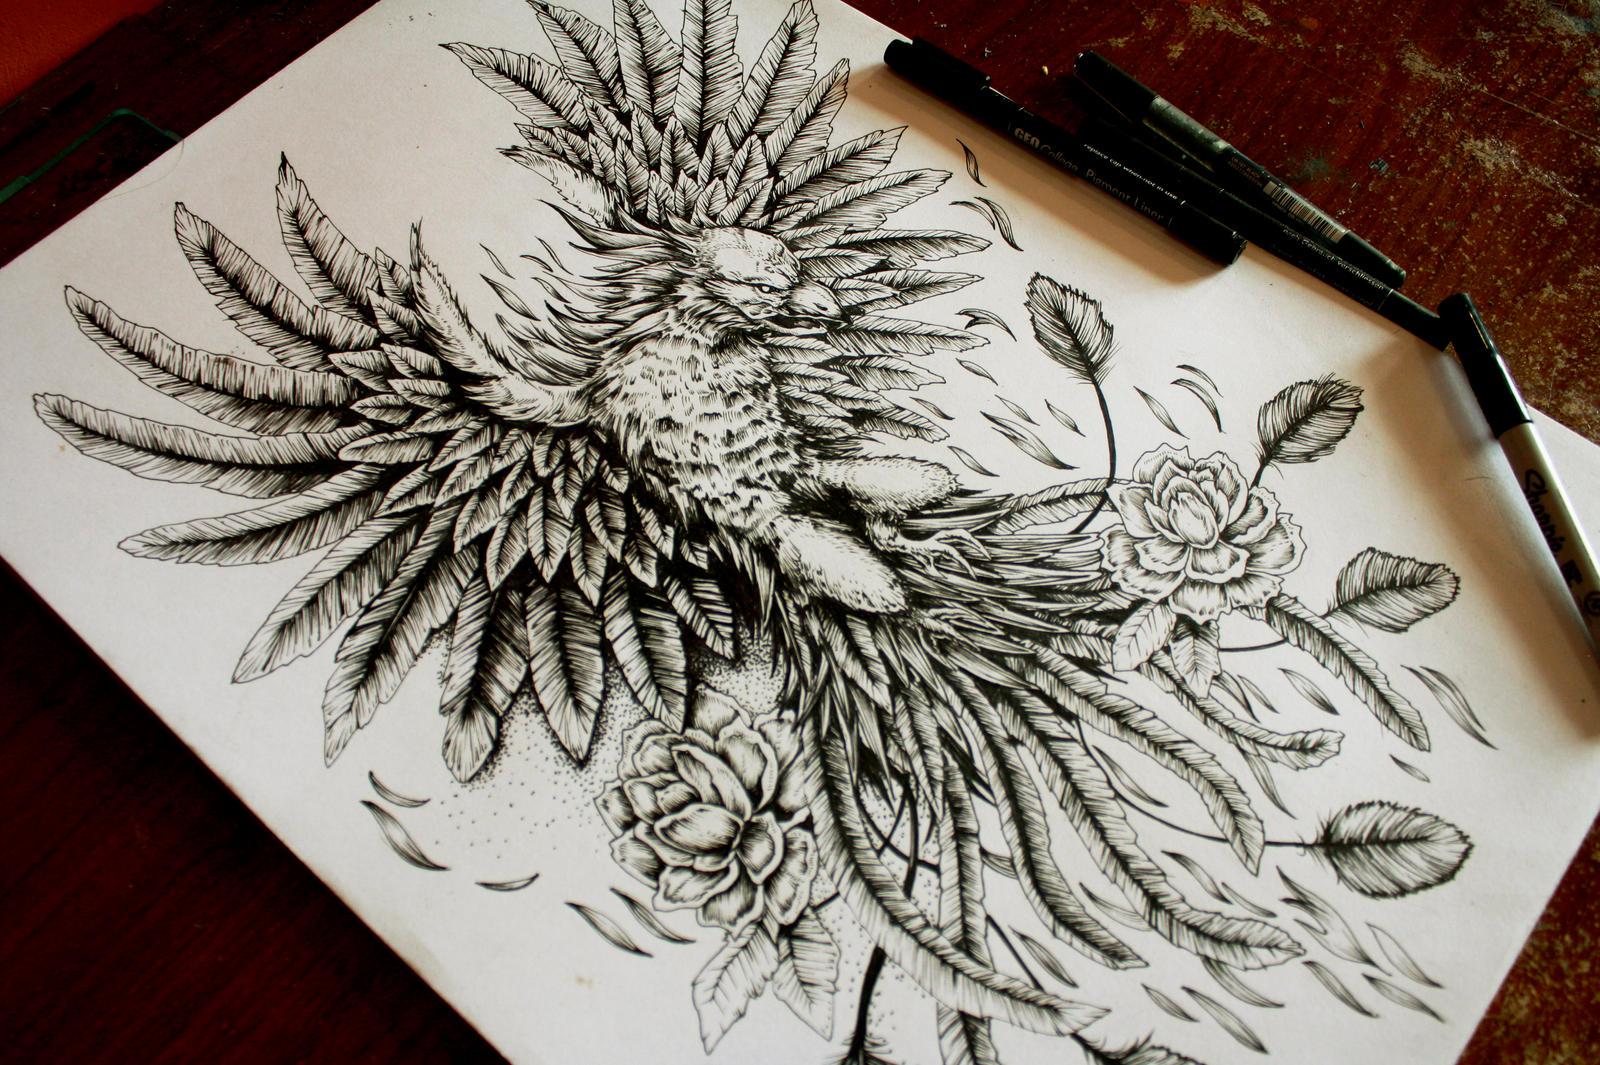 Line Art Tattoos : Phoenix tattoo design ::sold::: by eg thefreak on deviantart